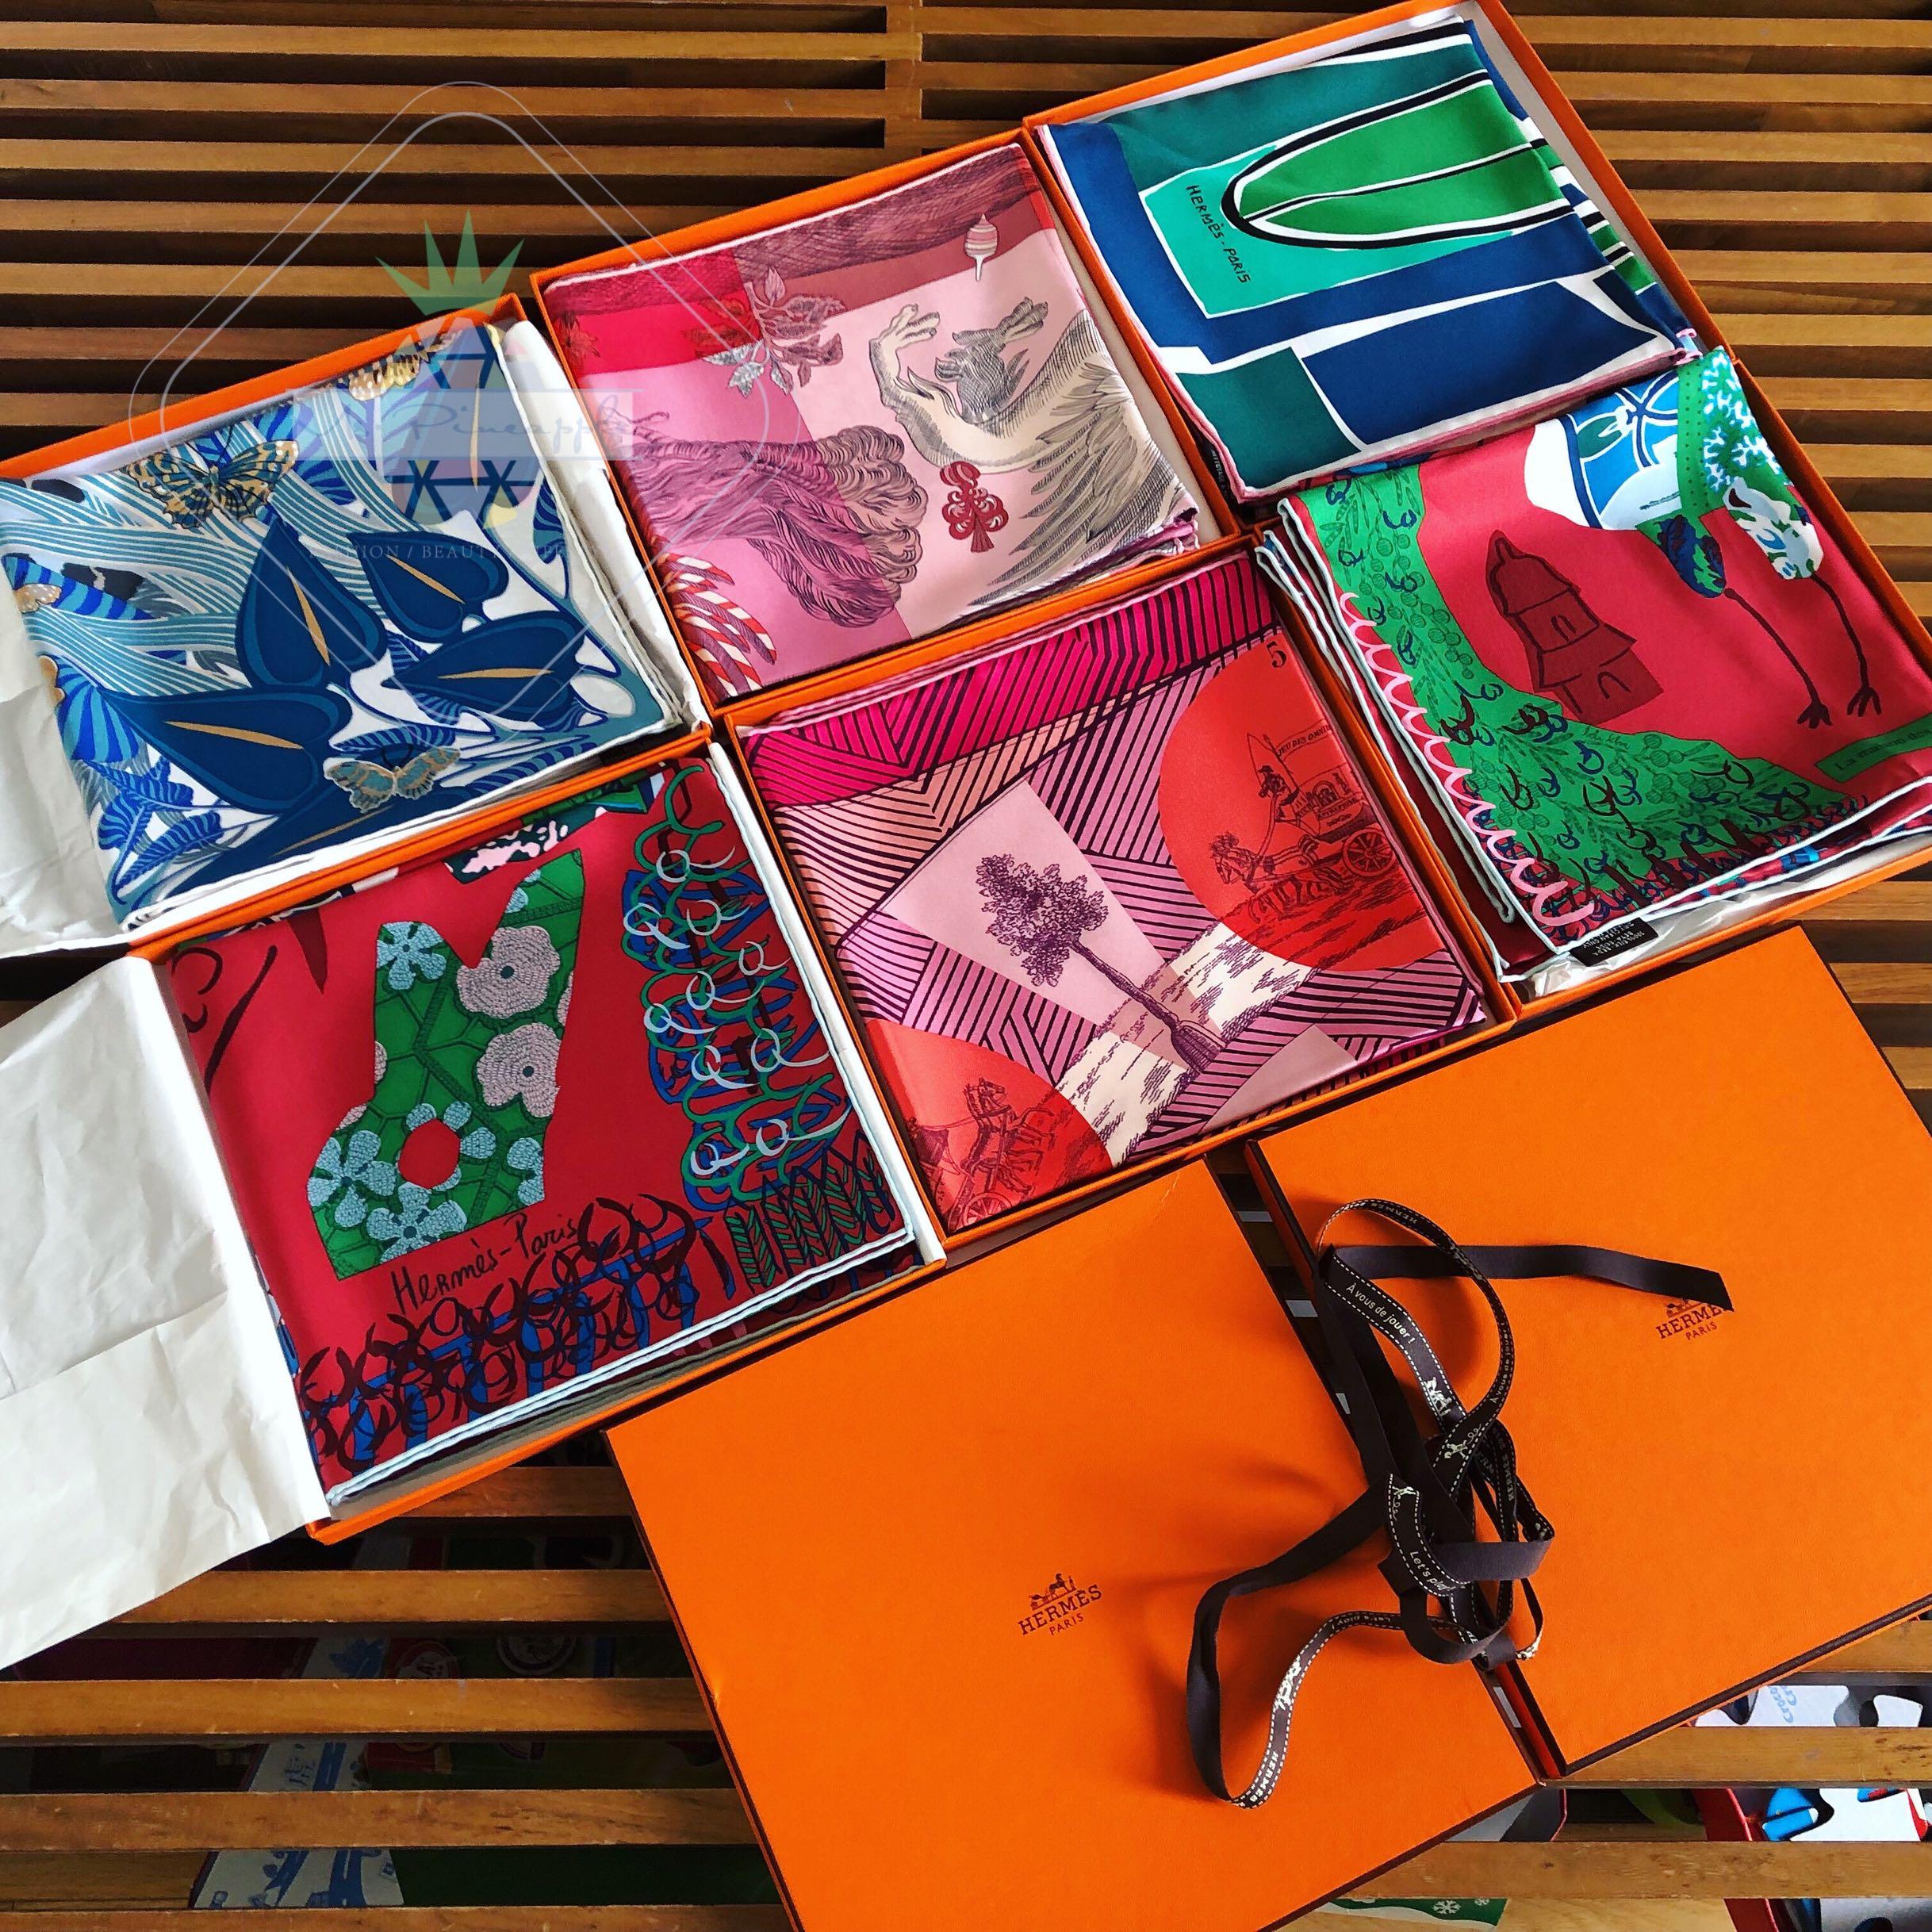 意大利爱马仕Hermes新款女士丝巾蚕丝 90*90印花方巾